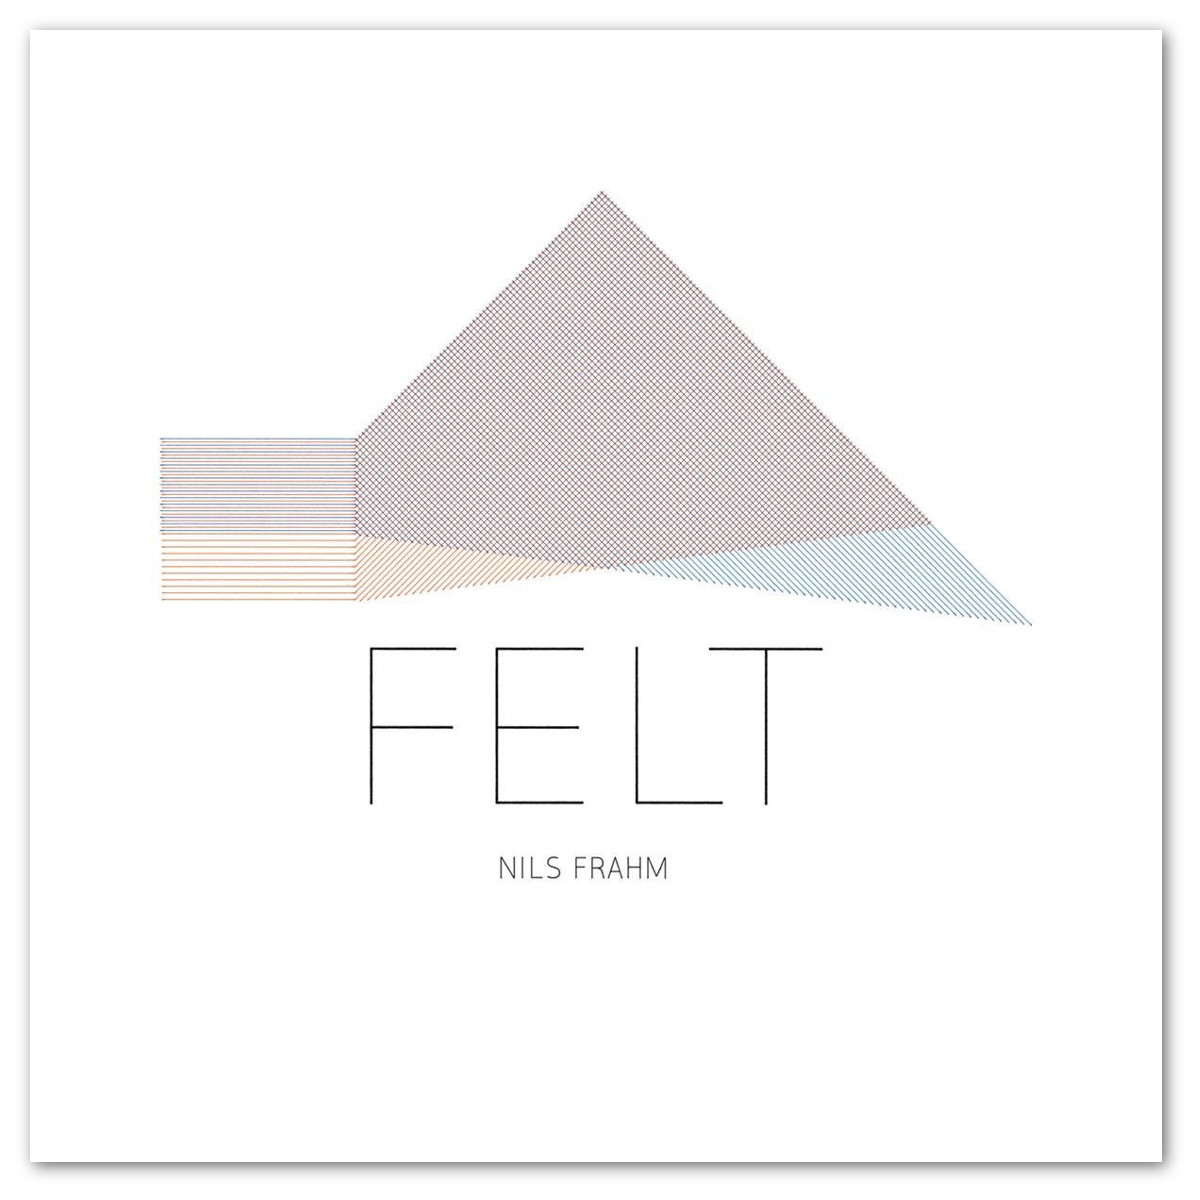 Felt - Nils Frahm